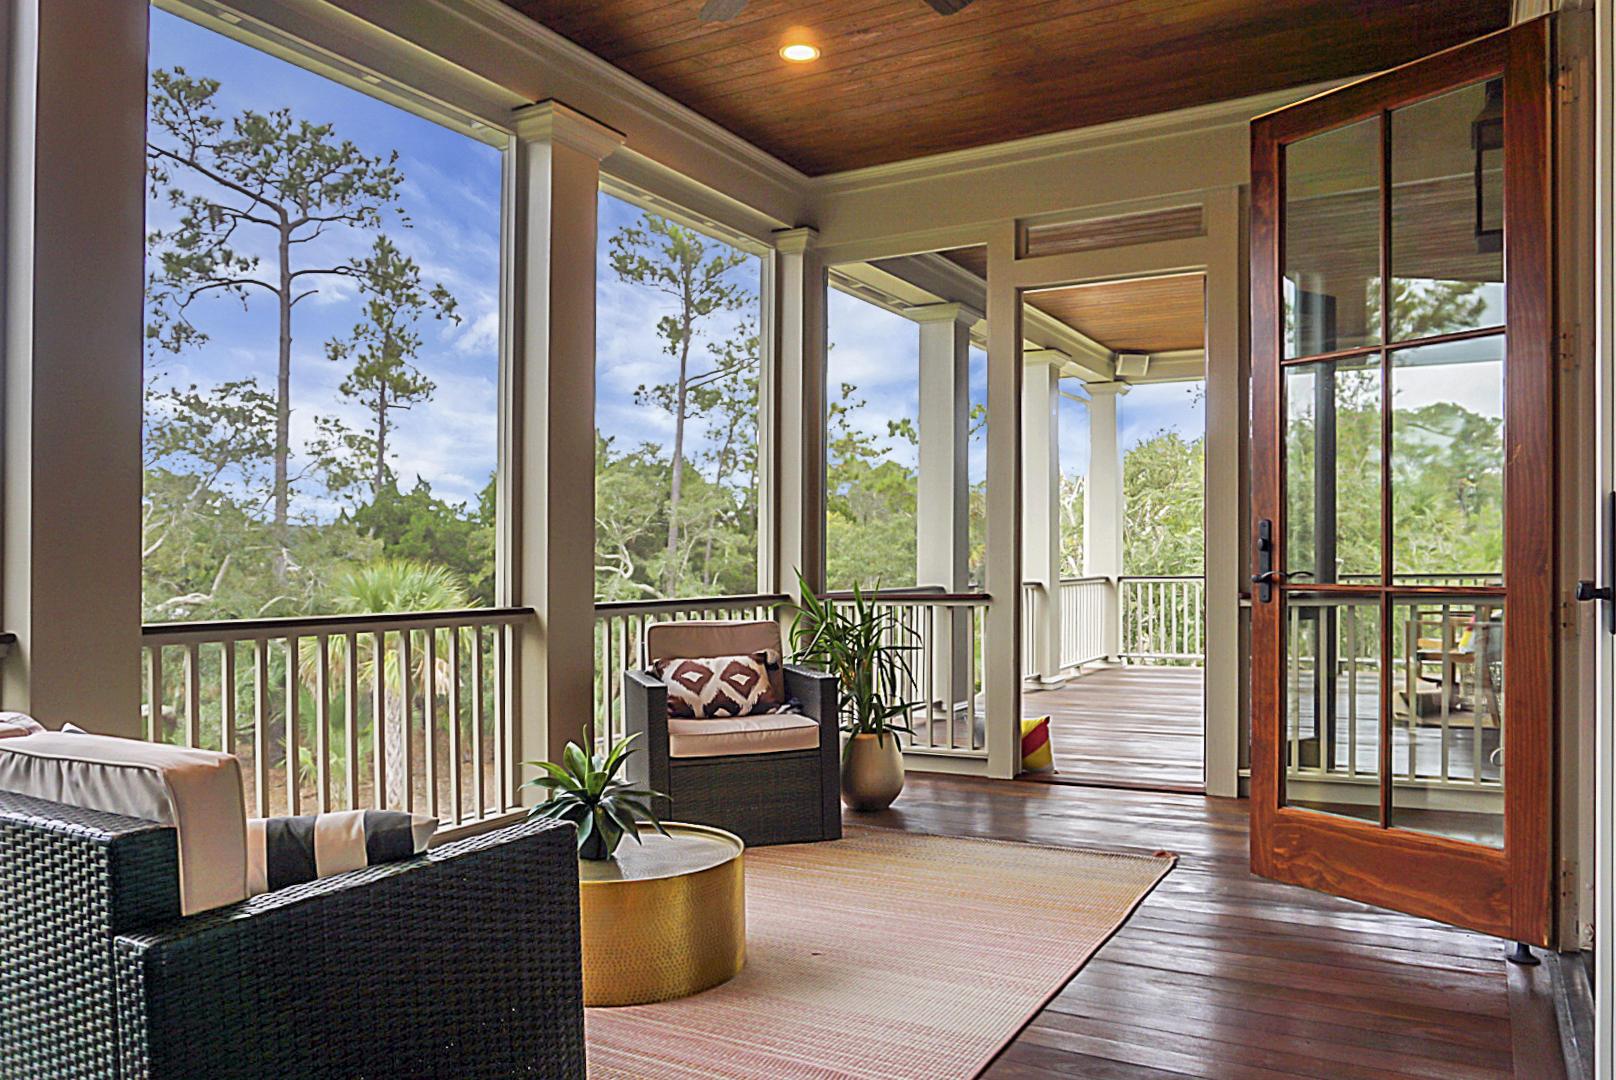 Dunes West Homes For Sale - 2978 River Vista, Mount Pleasant, SC - 73